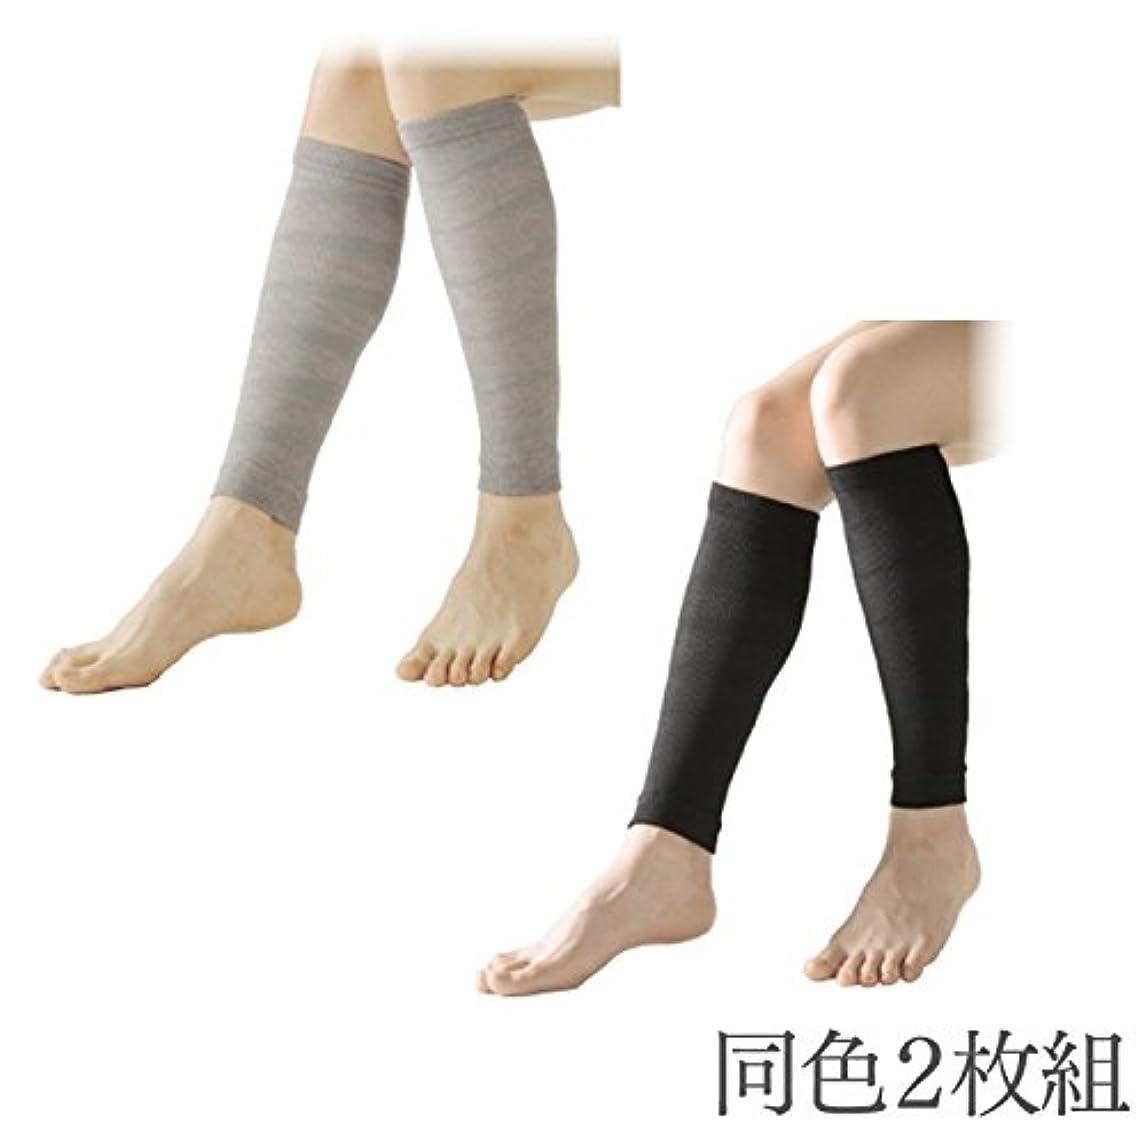 電気的びっくりした抑圧着圧ソックス 足のむくみ 靴下 むくみ解消 着圧ふくらはぎサポーター 2枚組(グレー)